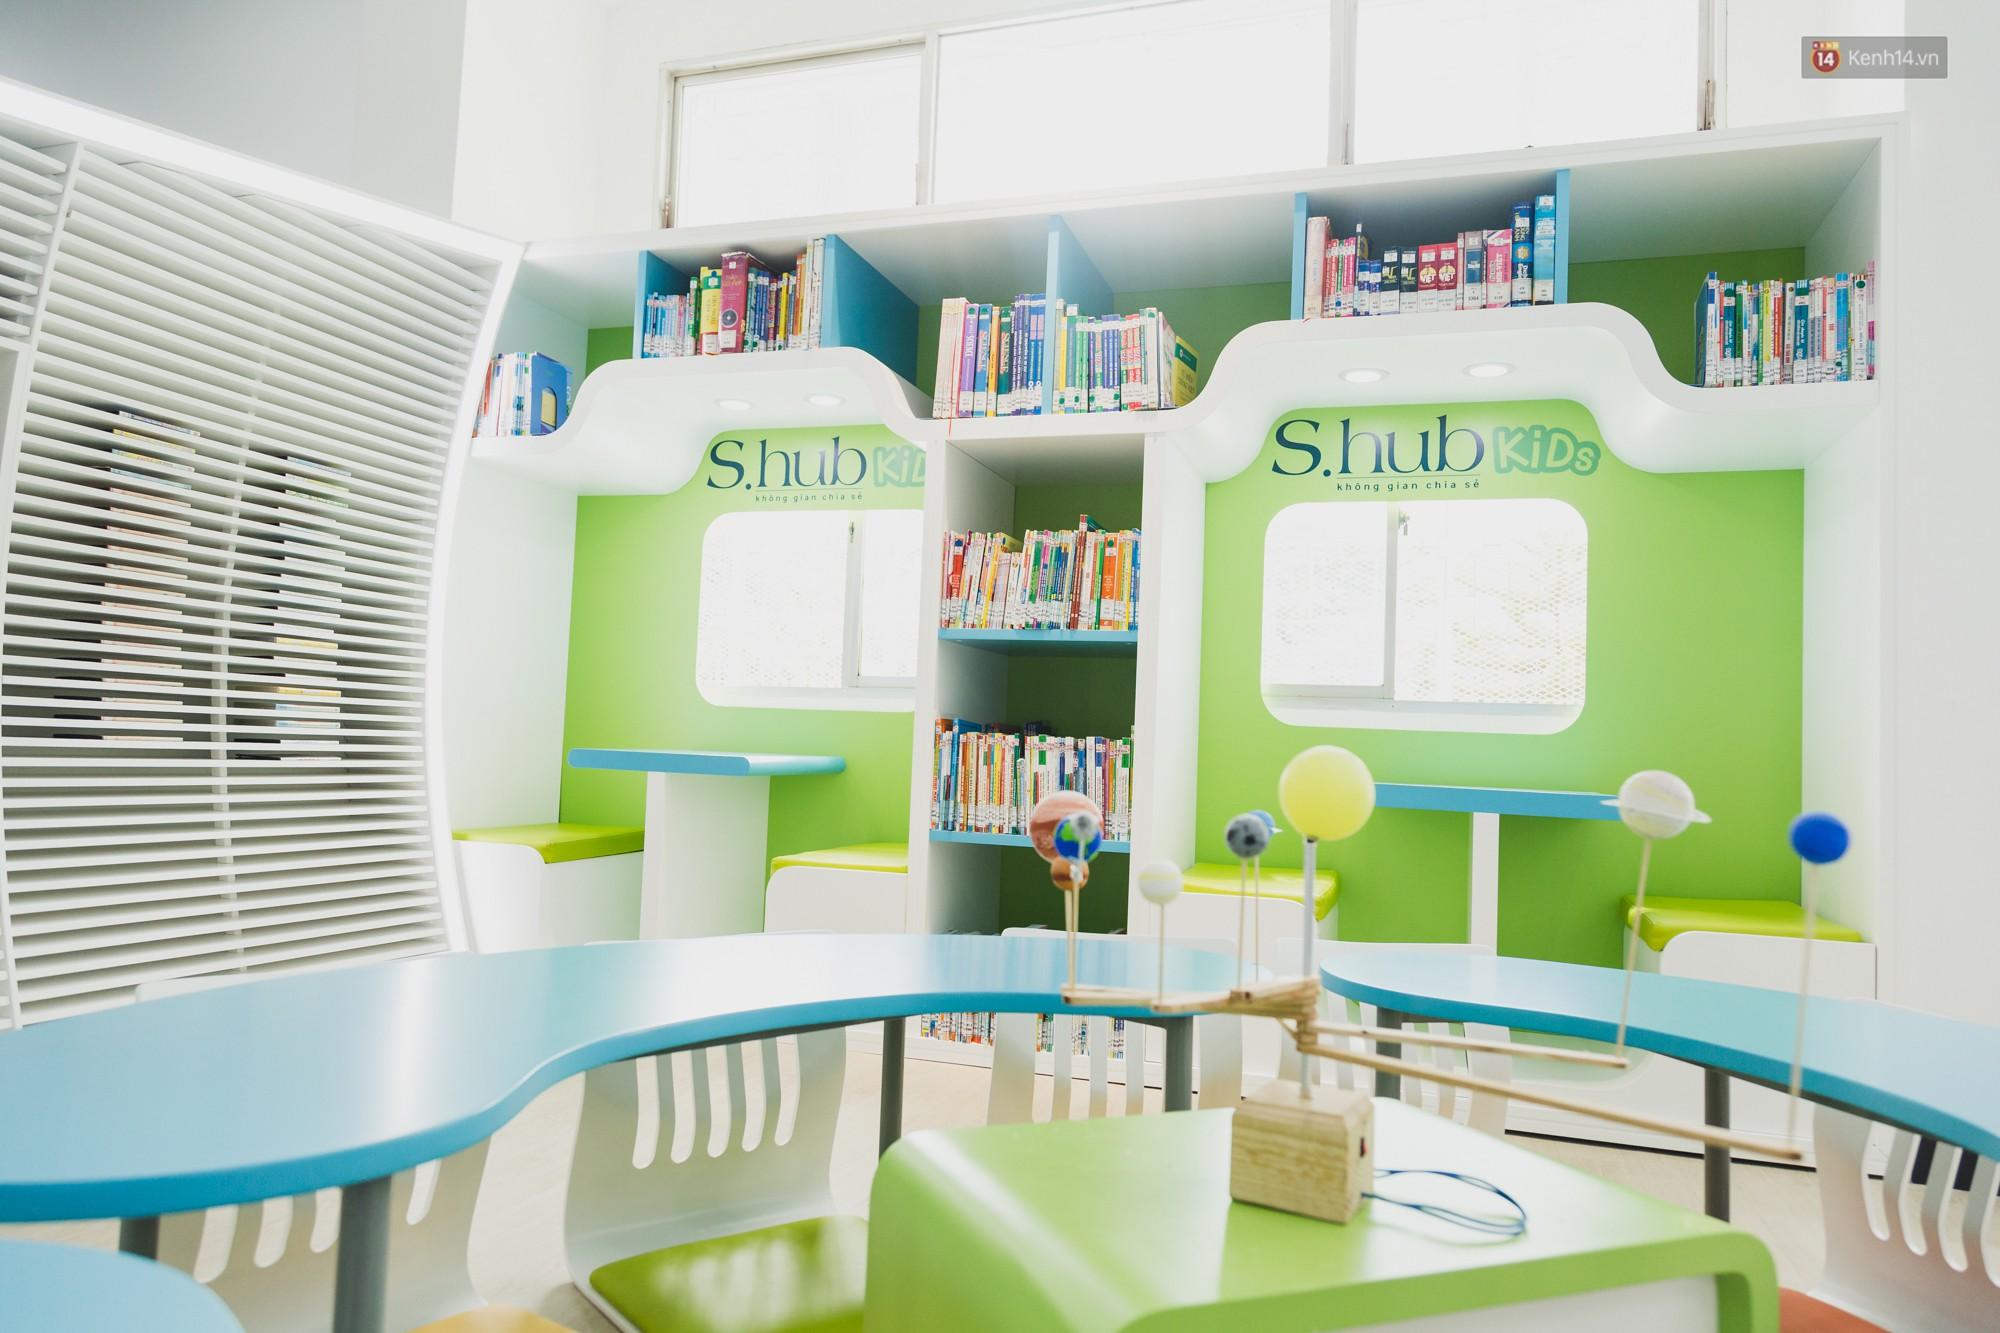 Thư viện thông minh đầu tiên dành cho thiếu nhi ở TP.HCM: Đẹp như sân chơi, có cả ngàn đầu sách và lên hình siêu ảo - Ảnh 18.